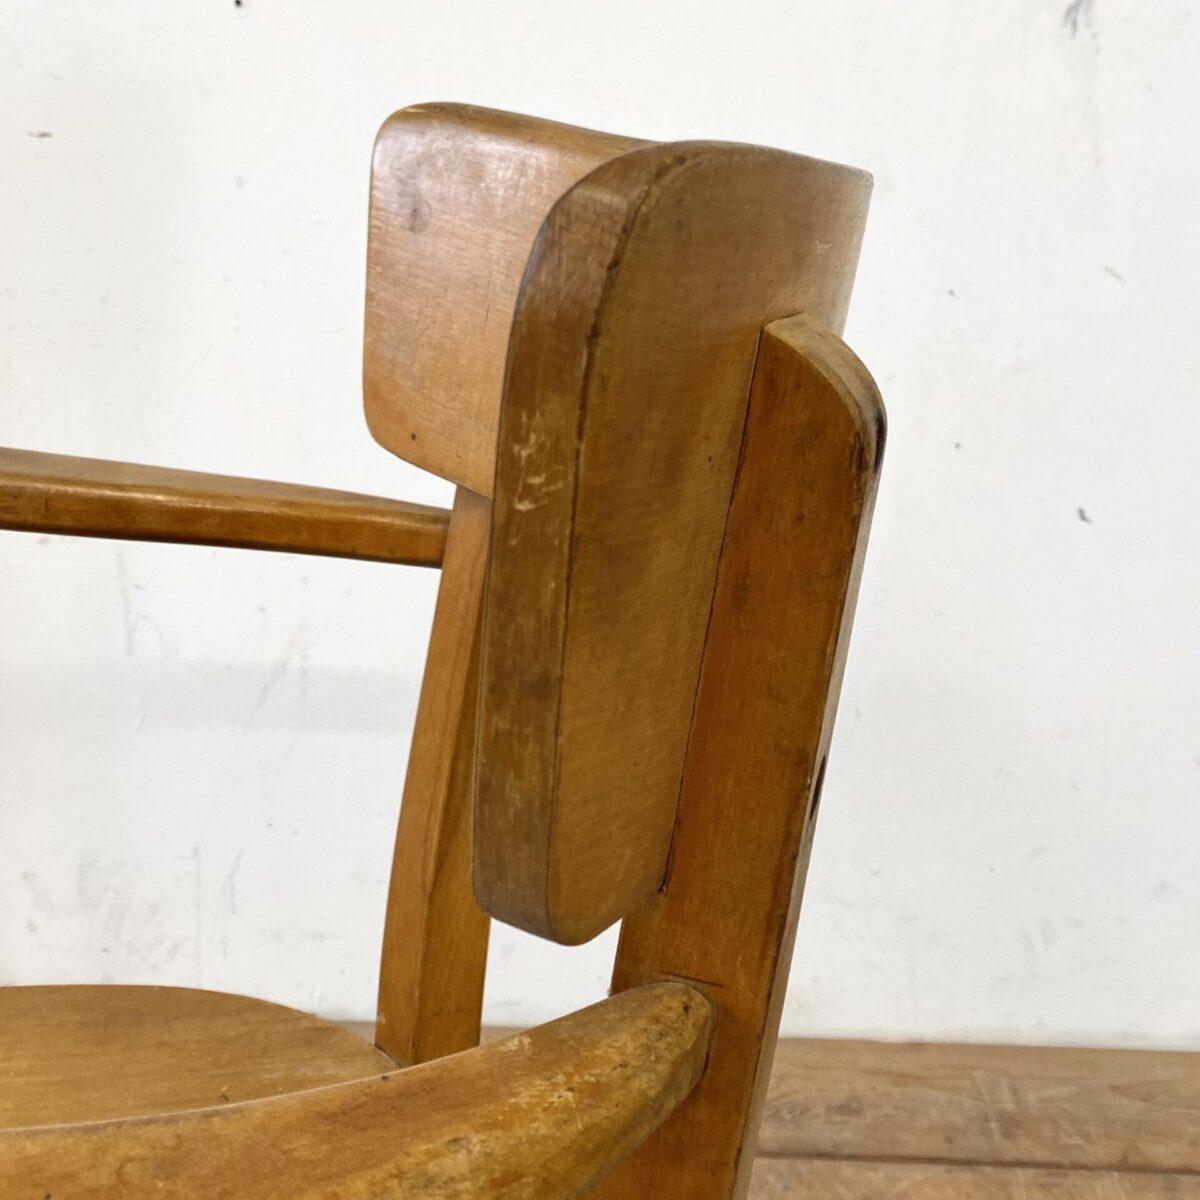 Frankfurter Armlehnstuhl in stabilem Zustand, mit Alterspatina. Sitzfläche aus Sperrholz, Armlehnen und Hinterbeine Dampfgebogen.